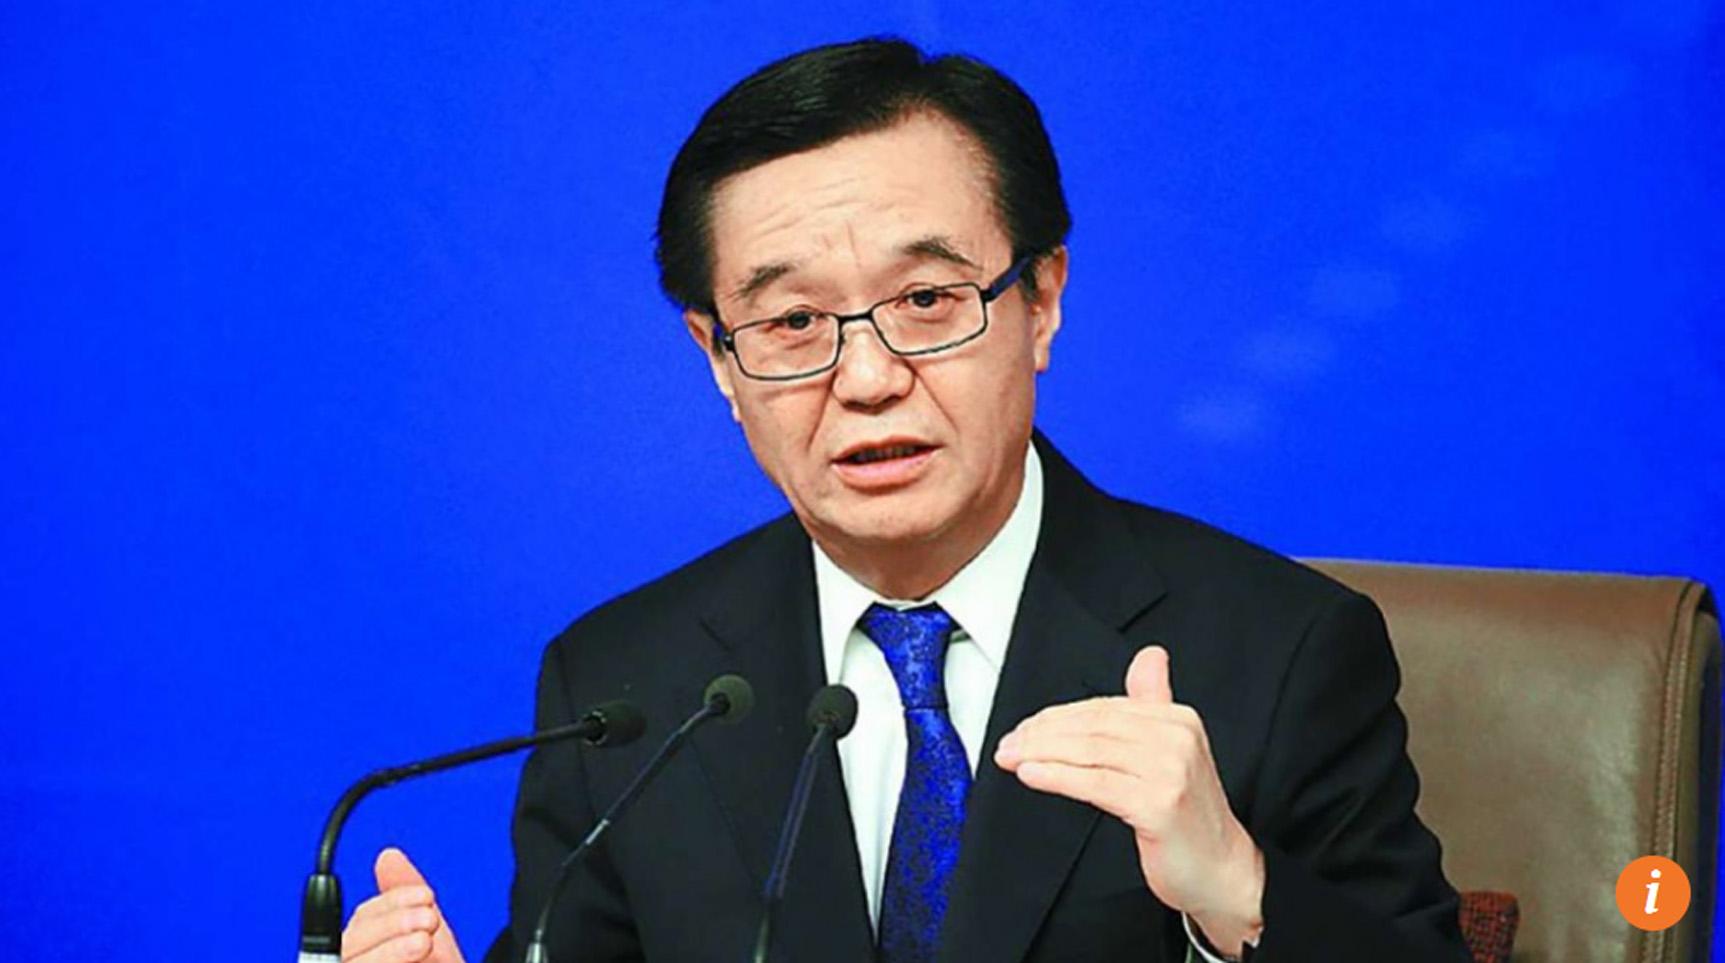 Thủ tướng Trung Cộng nói bế tắc thương mại với Hoa Kỳ có thể giải quyết một cách thân thiện